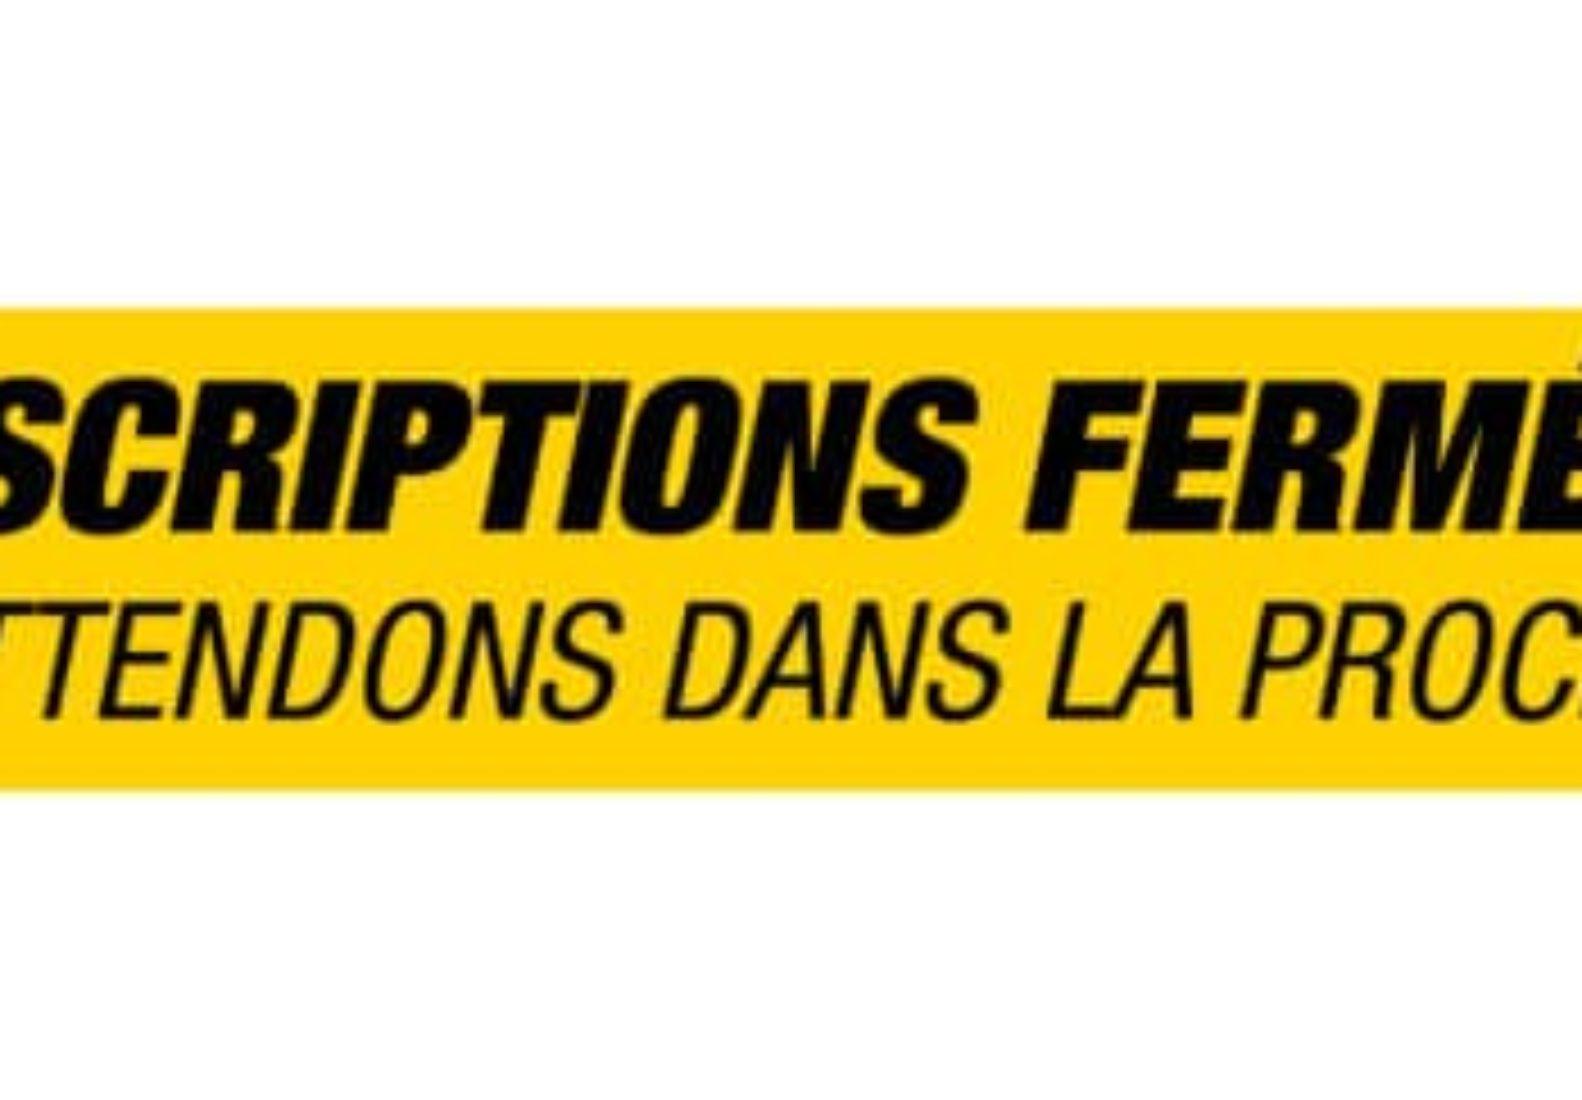 10K-CERRADA-fr